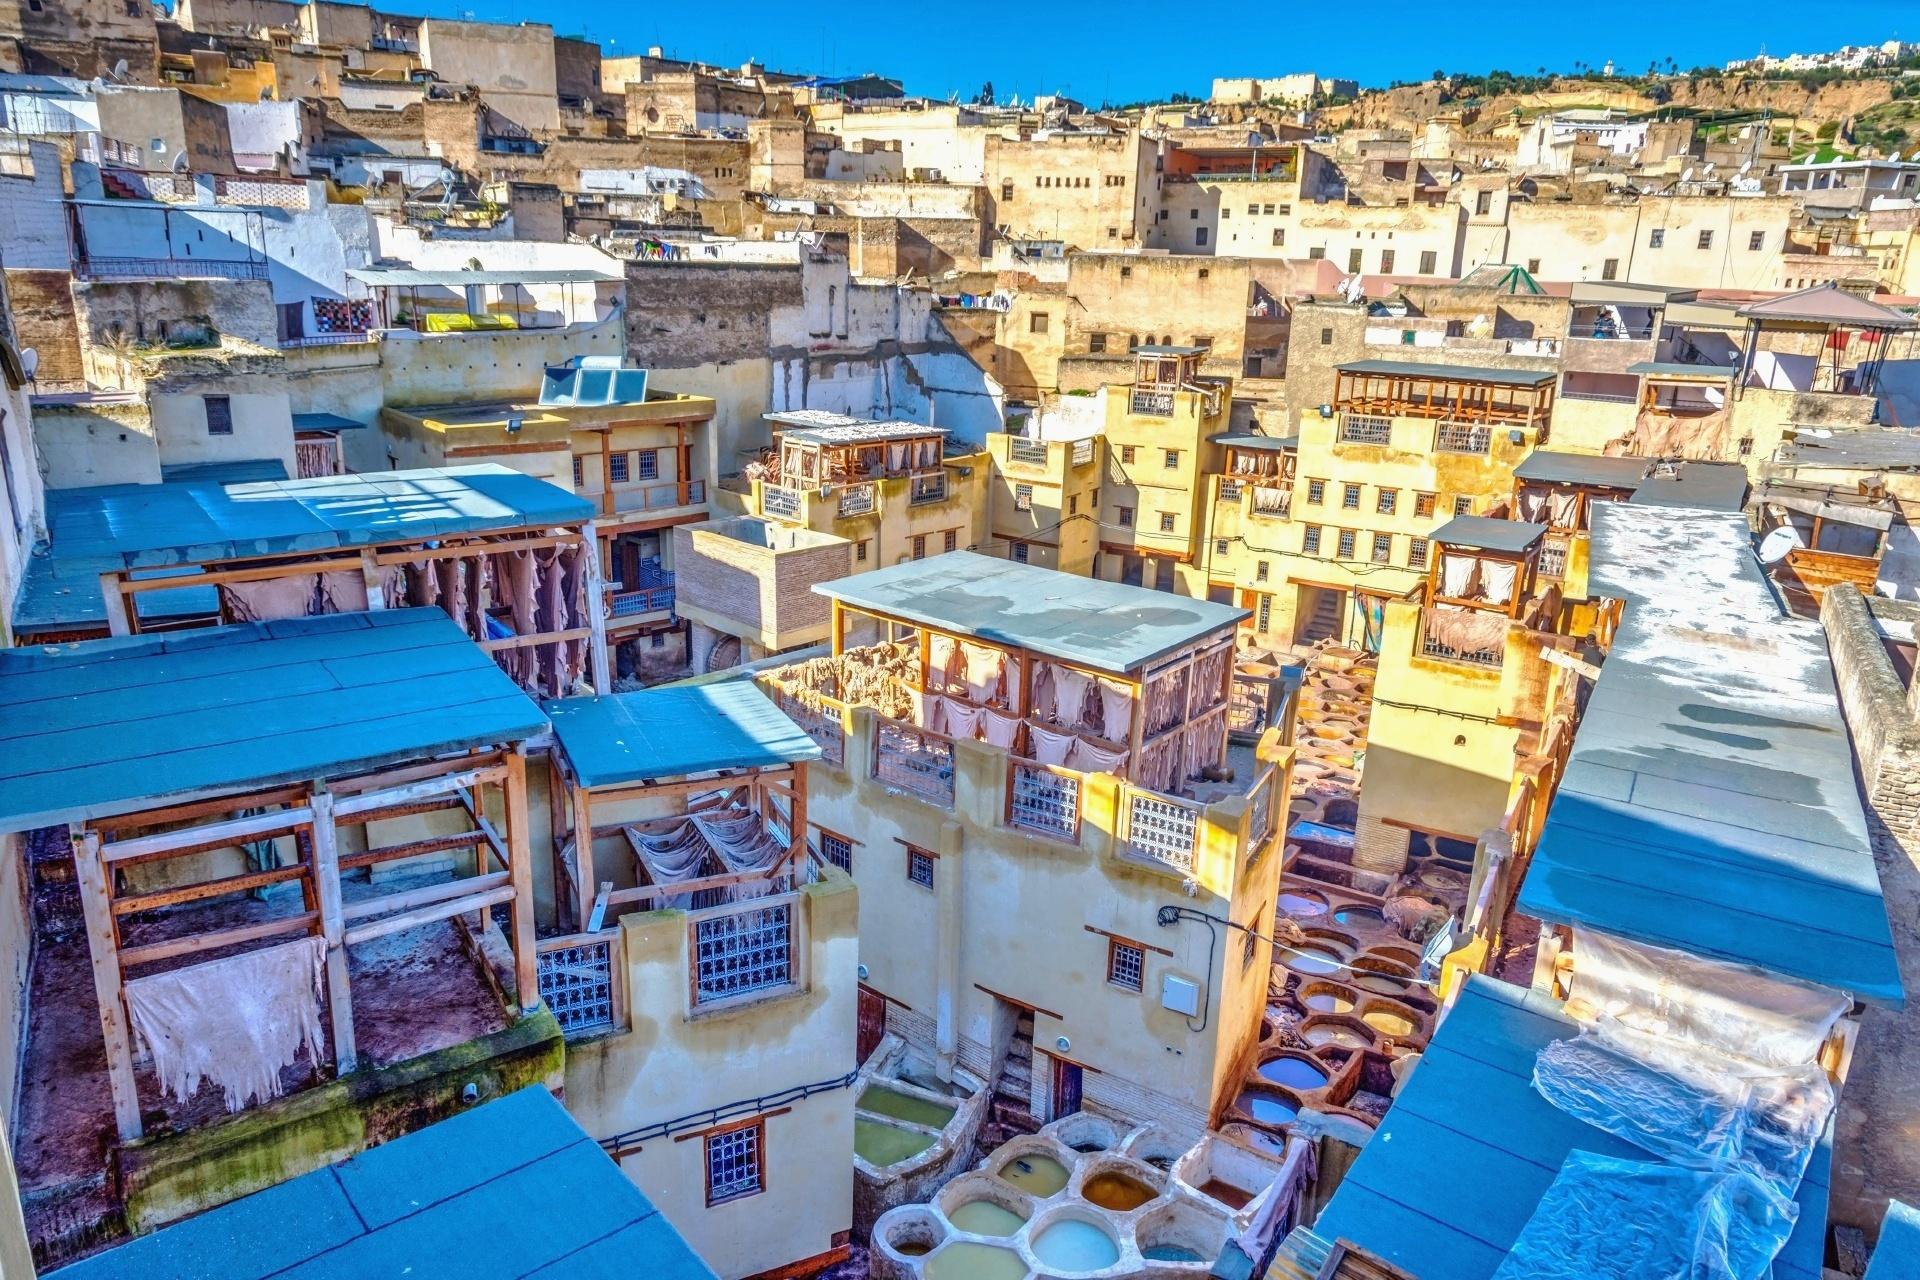 フェズの町並み モロッコの風景